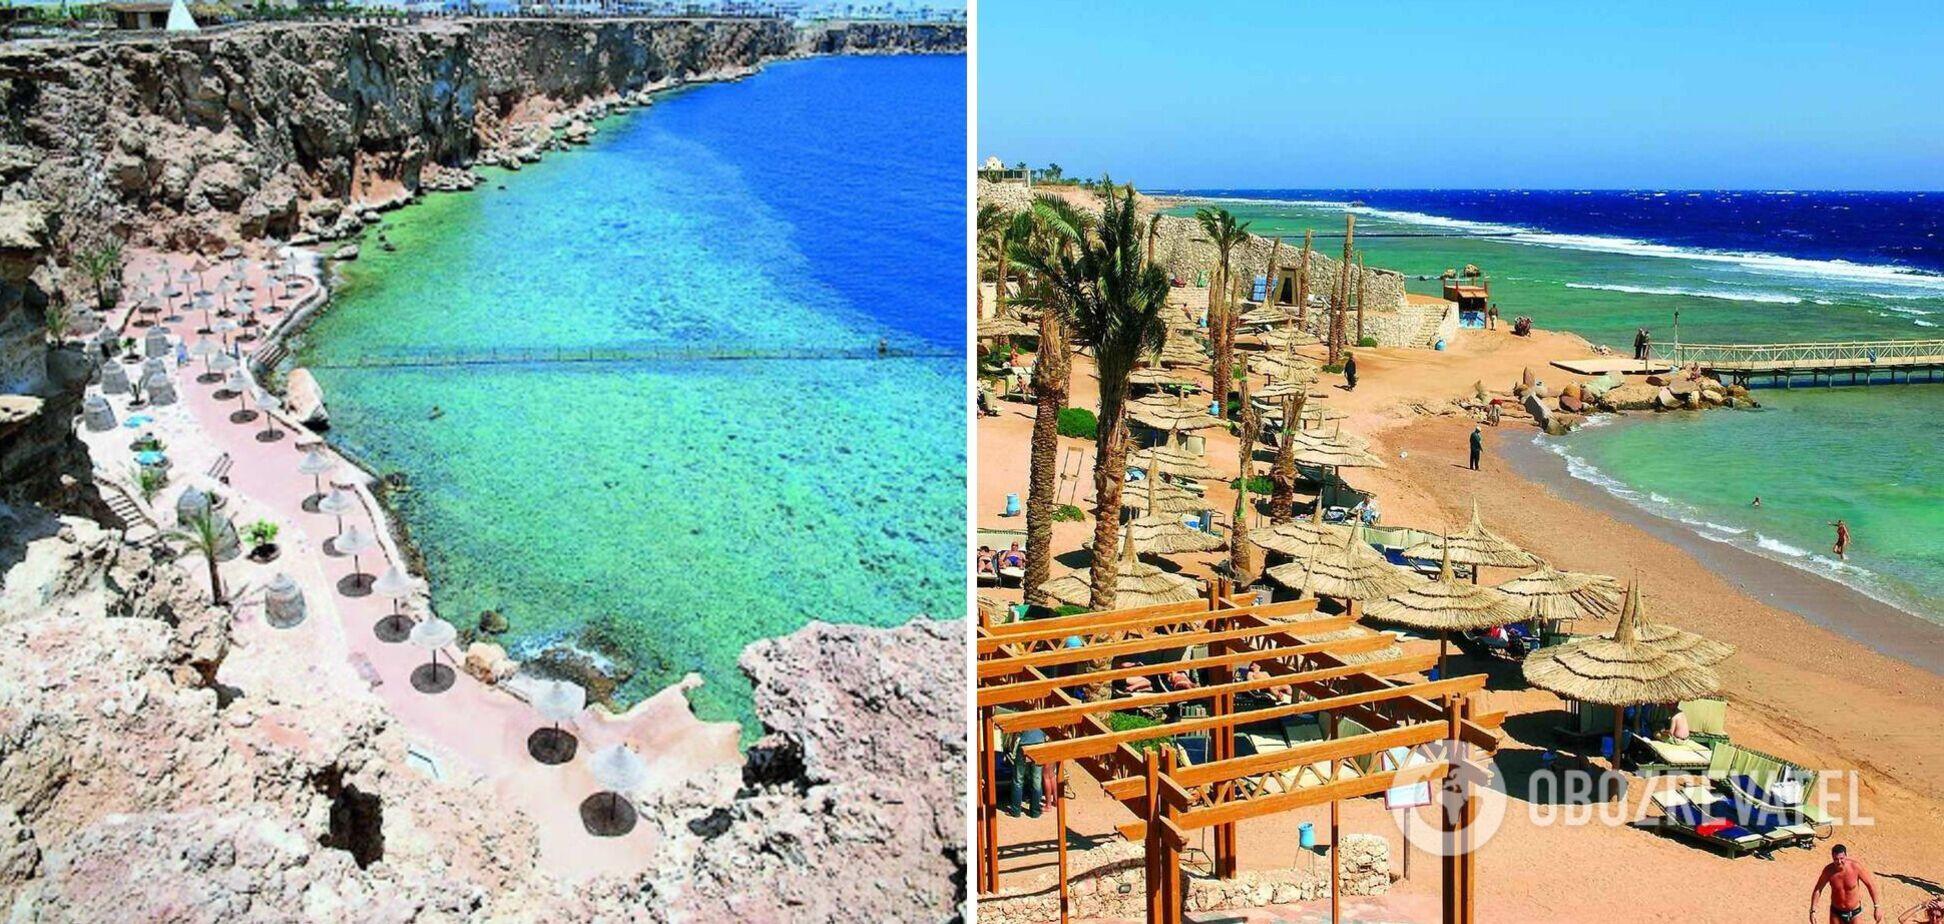 Шарм-эль-Шейх или Хургада: где лучше пляжи